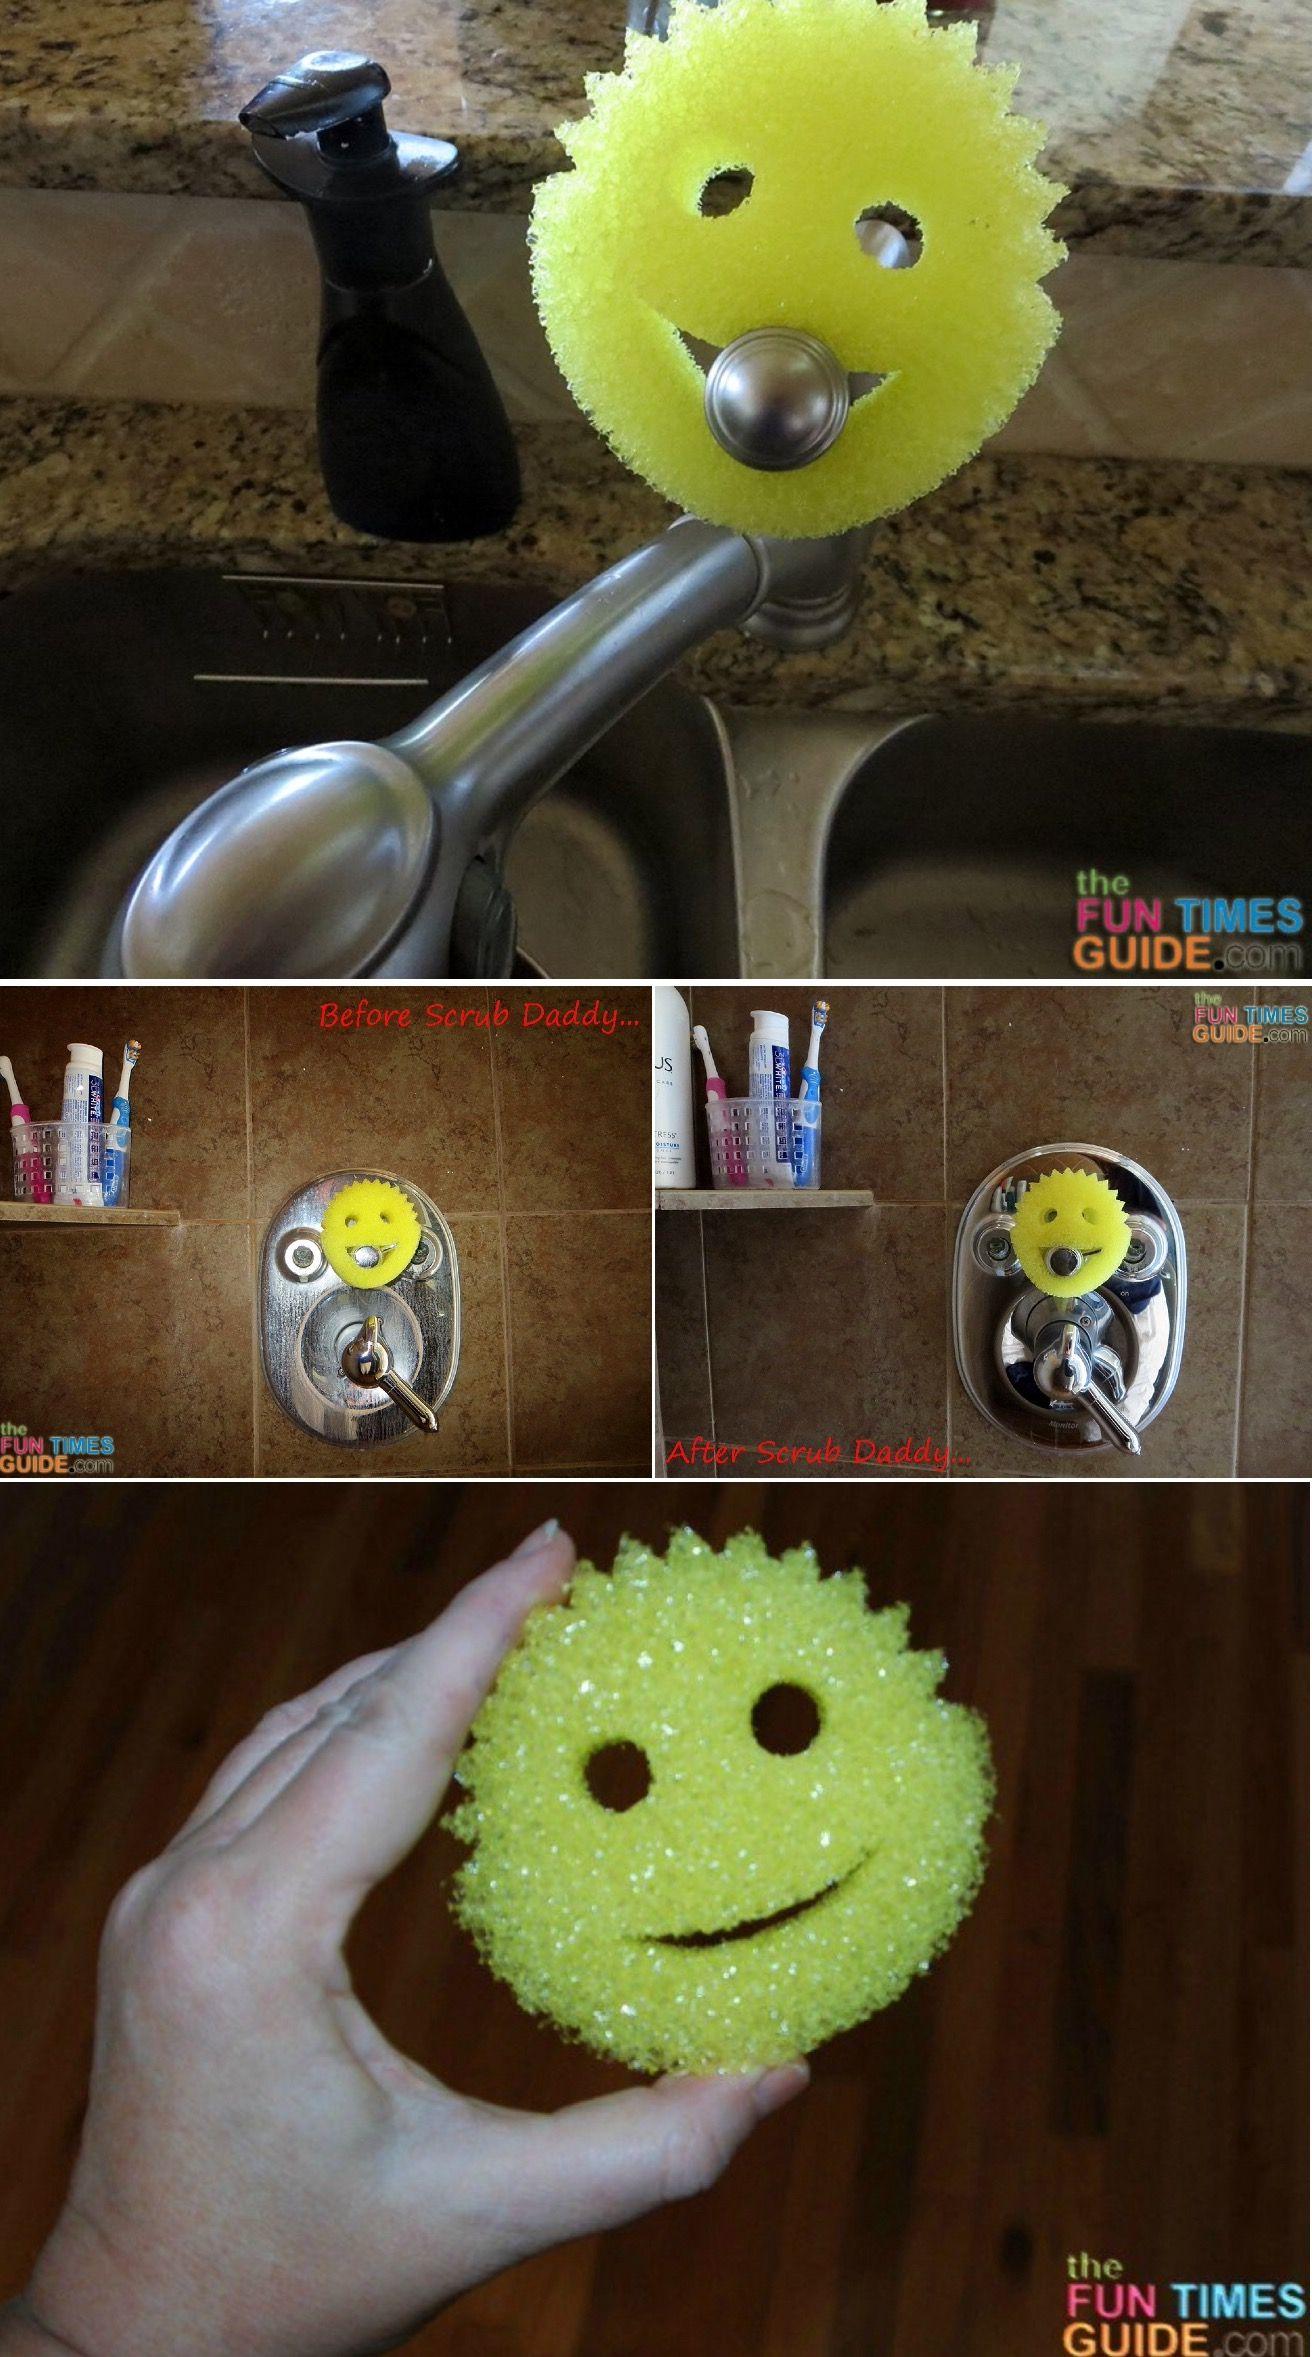 Scrub Daddy Uses 50 Creative Ways To Use A Scrub Daddy Sponge Scrub Daddy Scrub Daddy Sponge Sponge